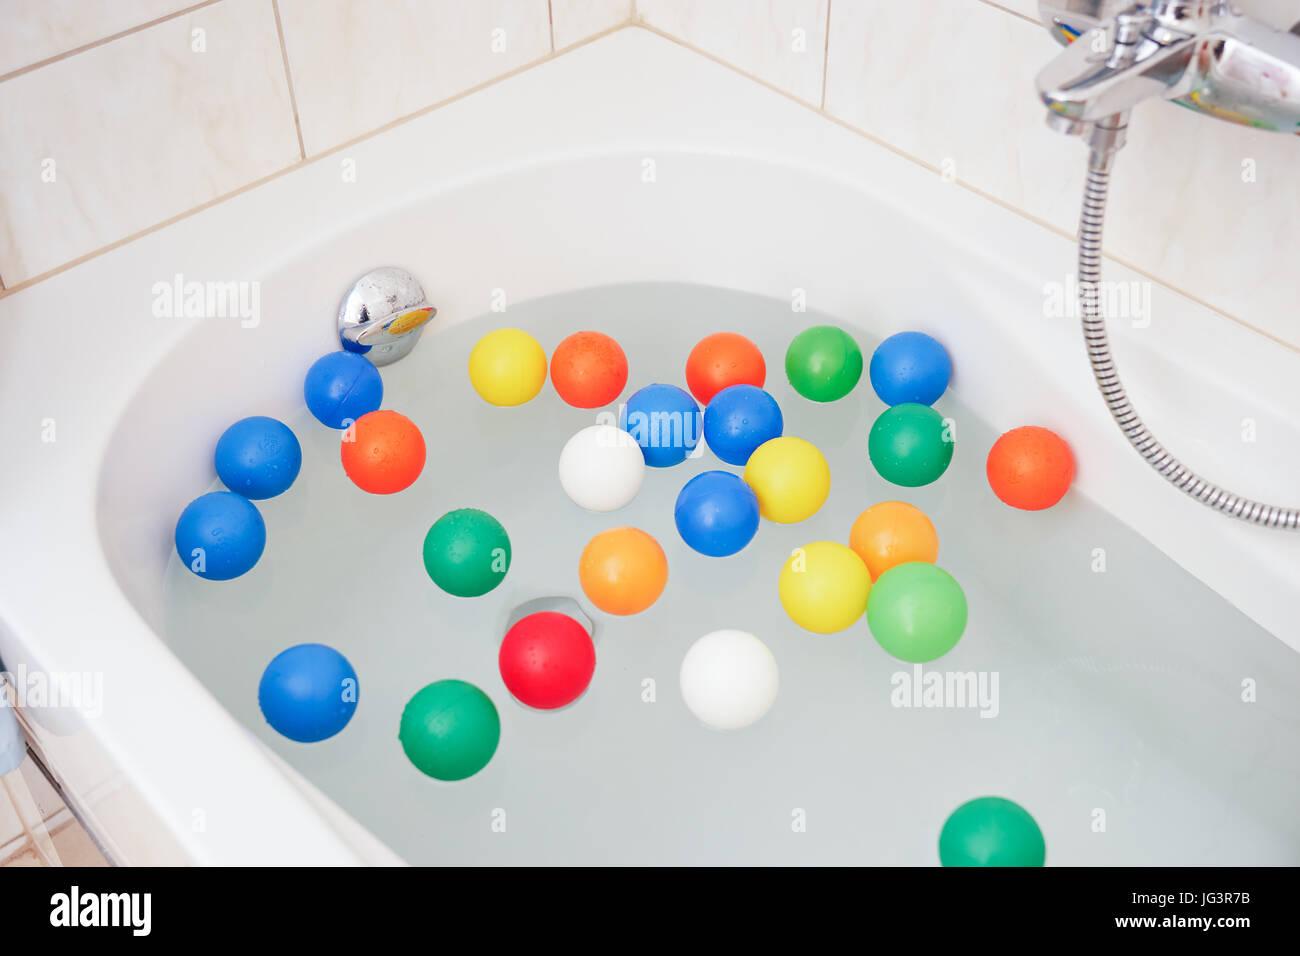 Vasca Da Bagno Colorata : La vasca da bagno bianco colorato con sfere di plastica foto